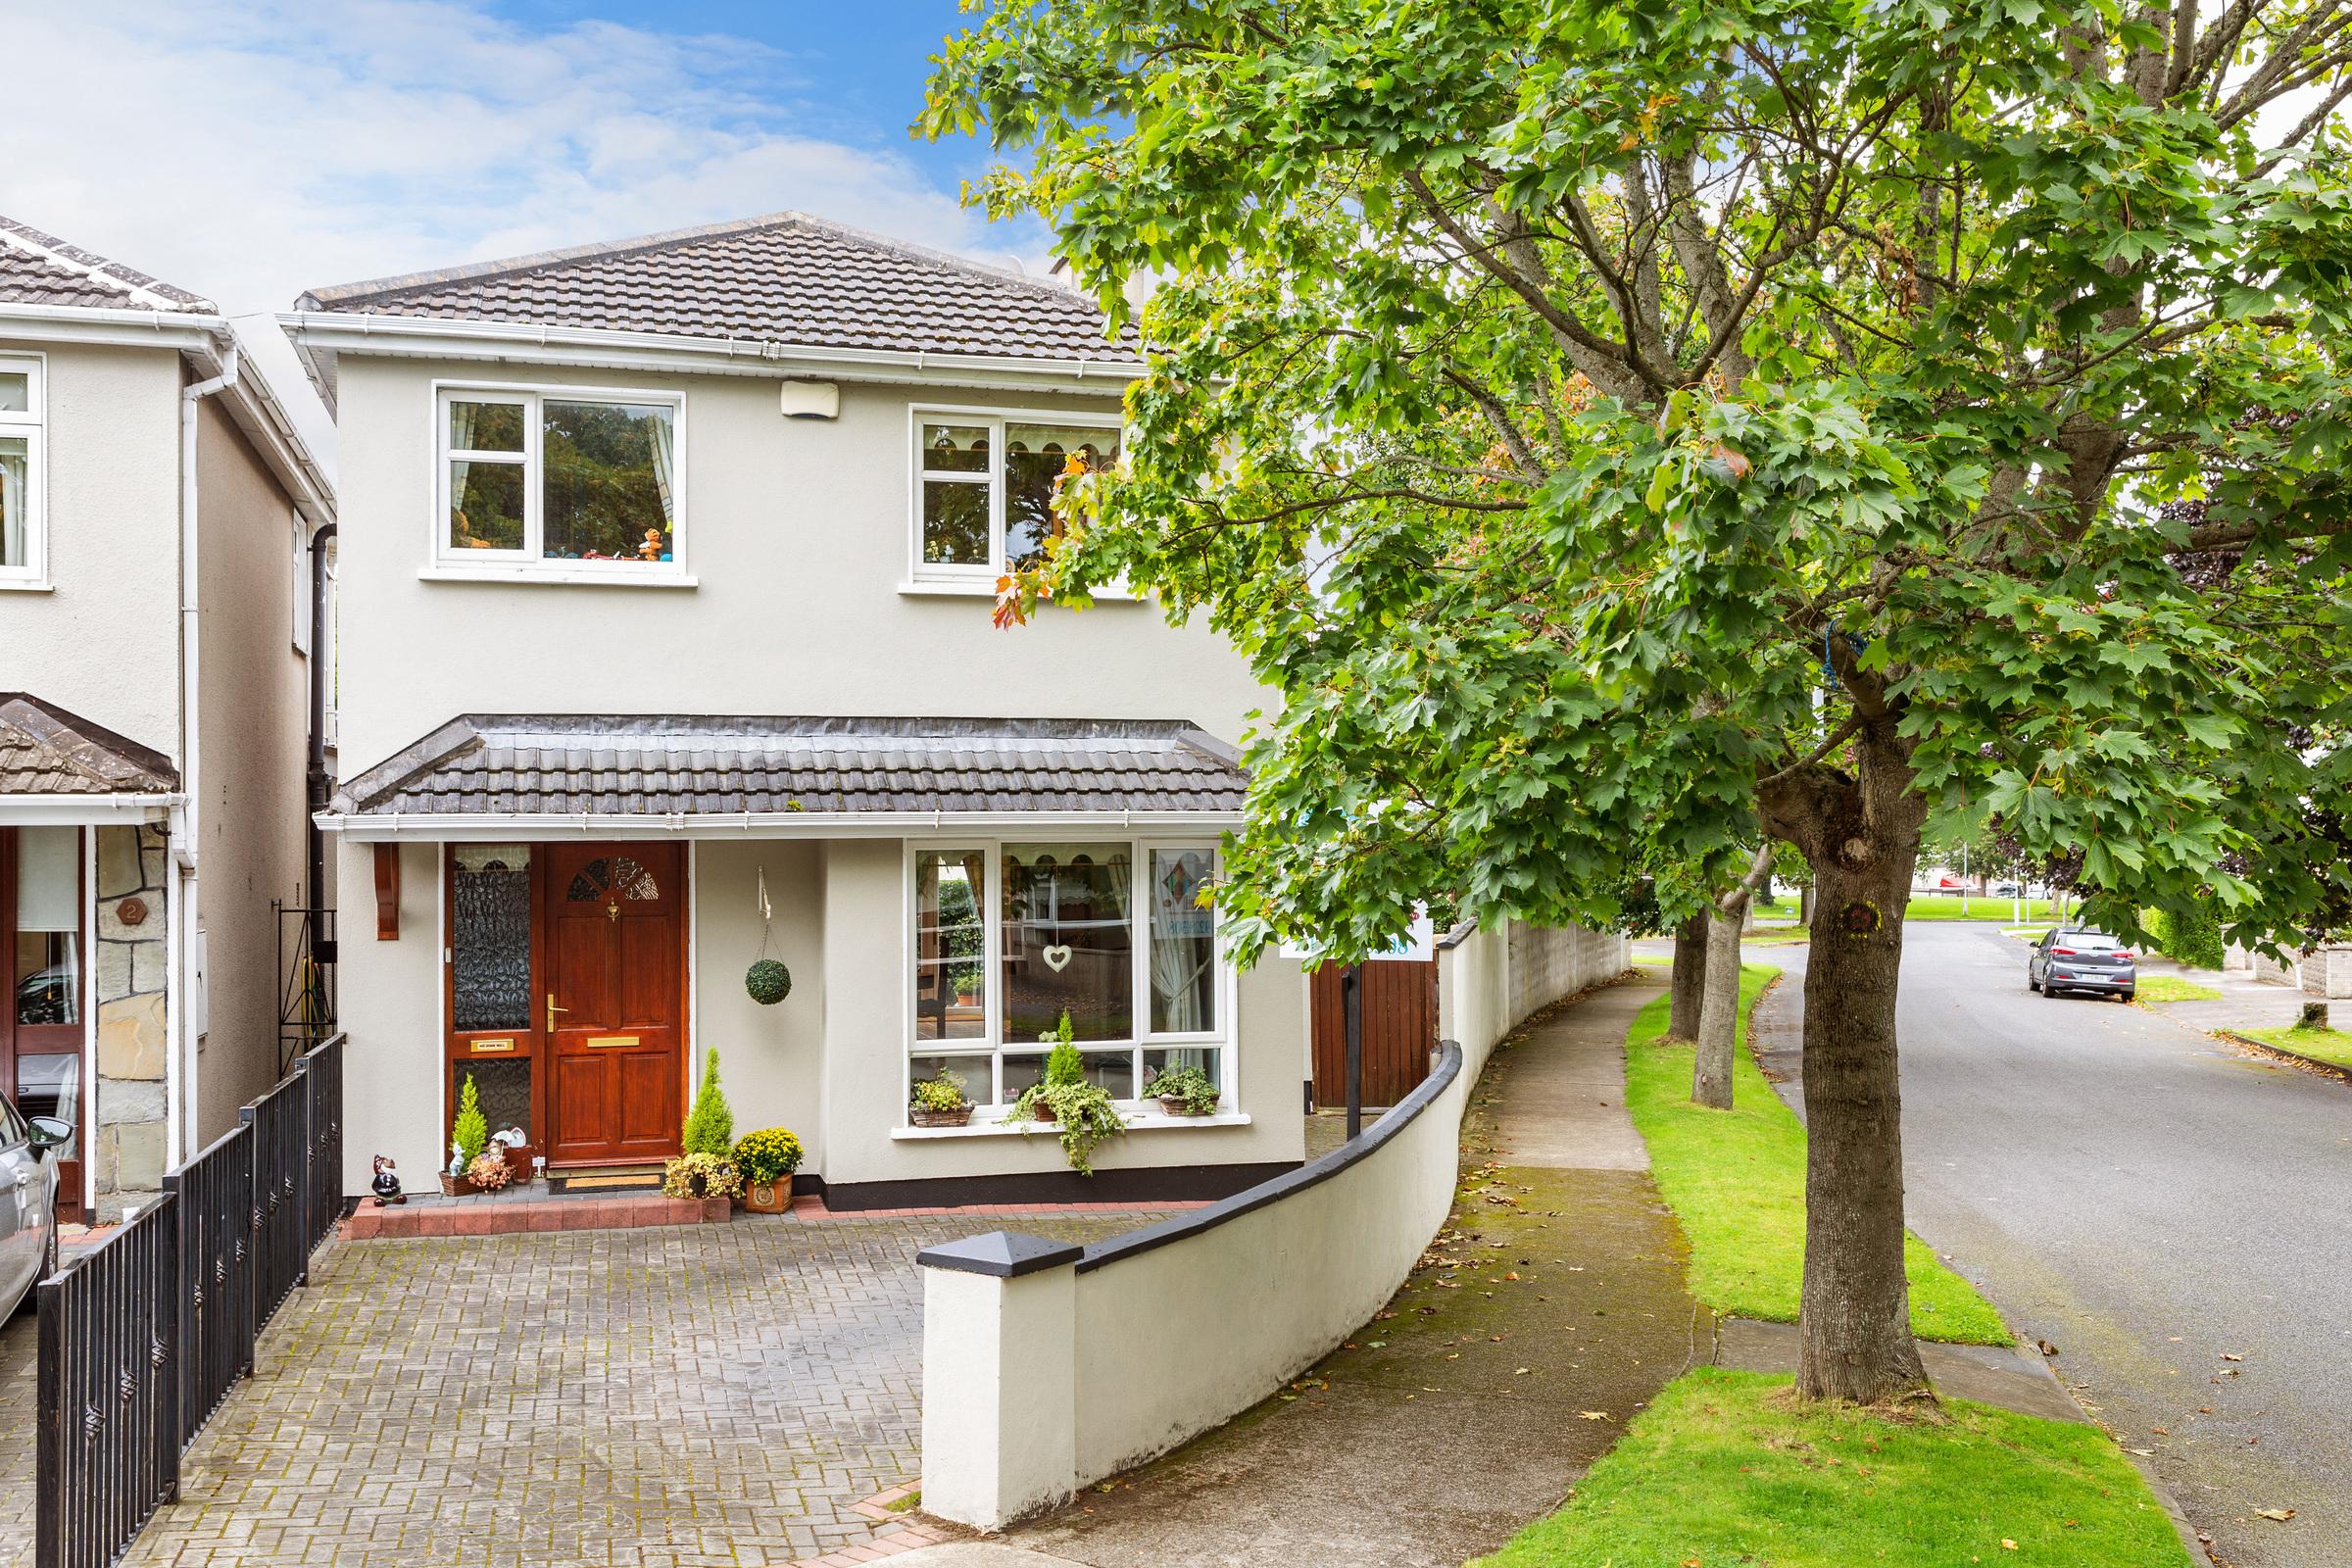 2A Carriglea Downs, Firhouse, Dublin 24